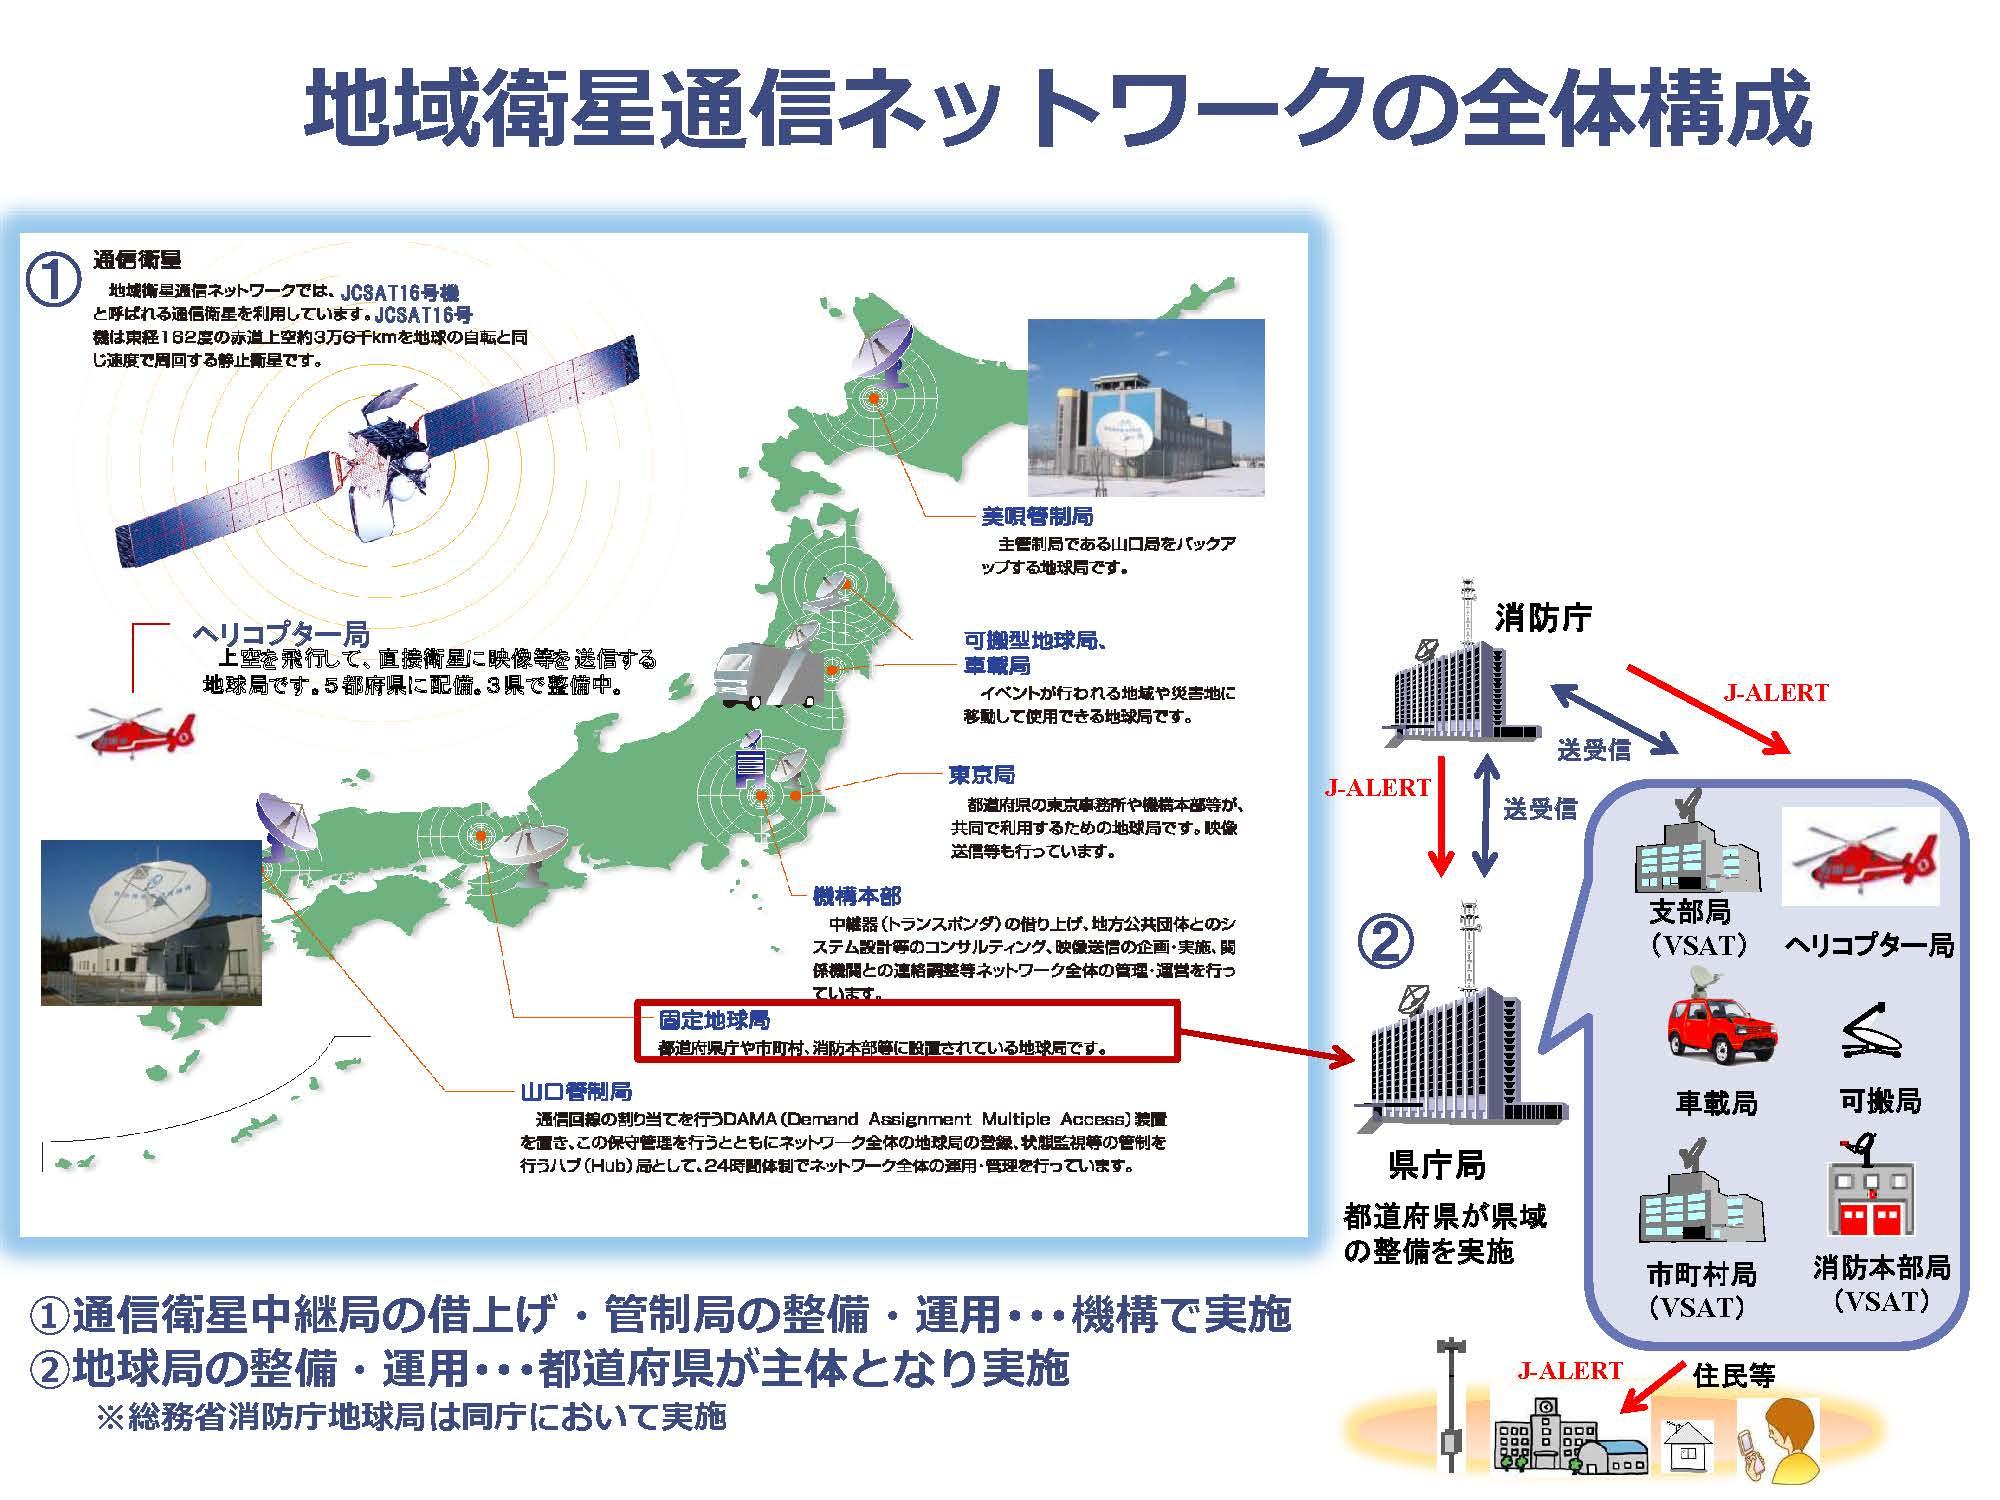 地域衛星通信ネットワークの全体構成